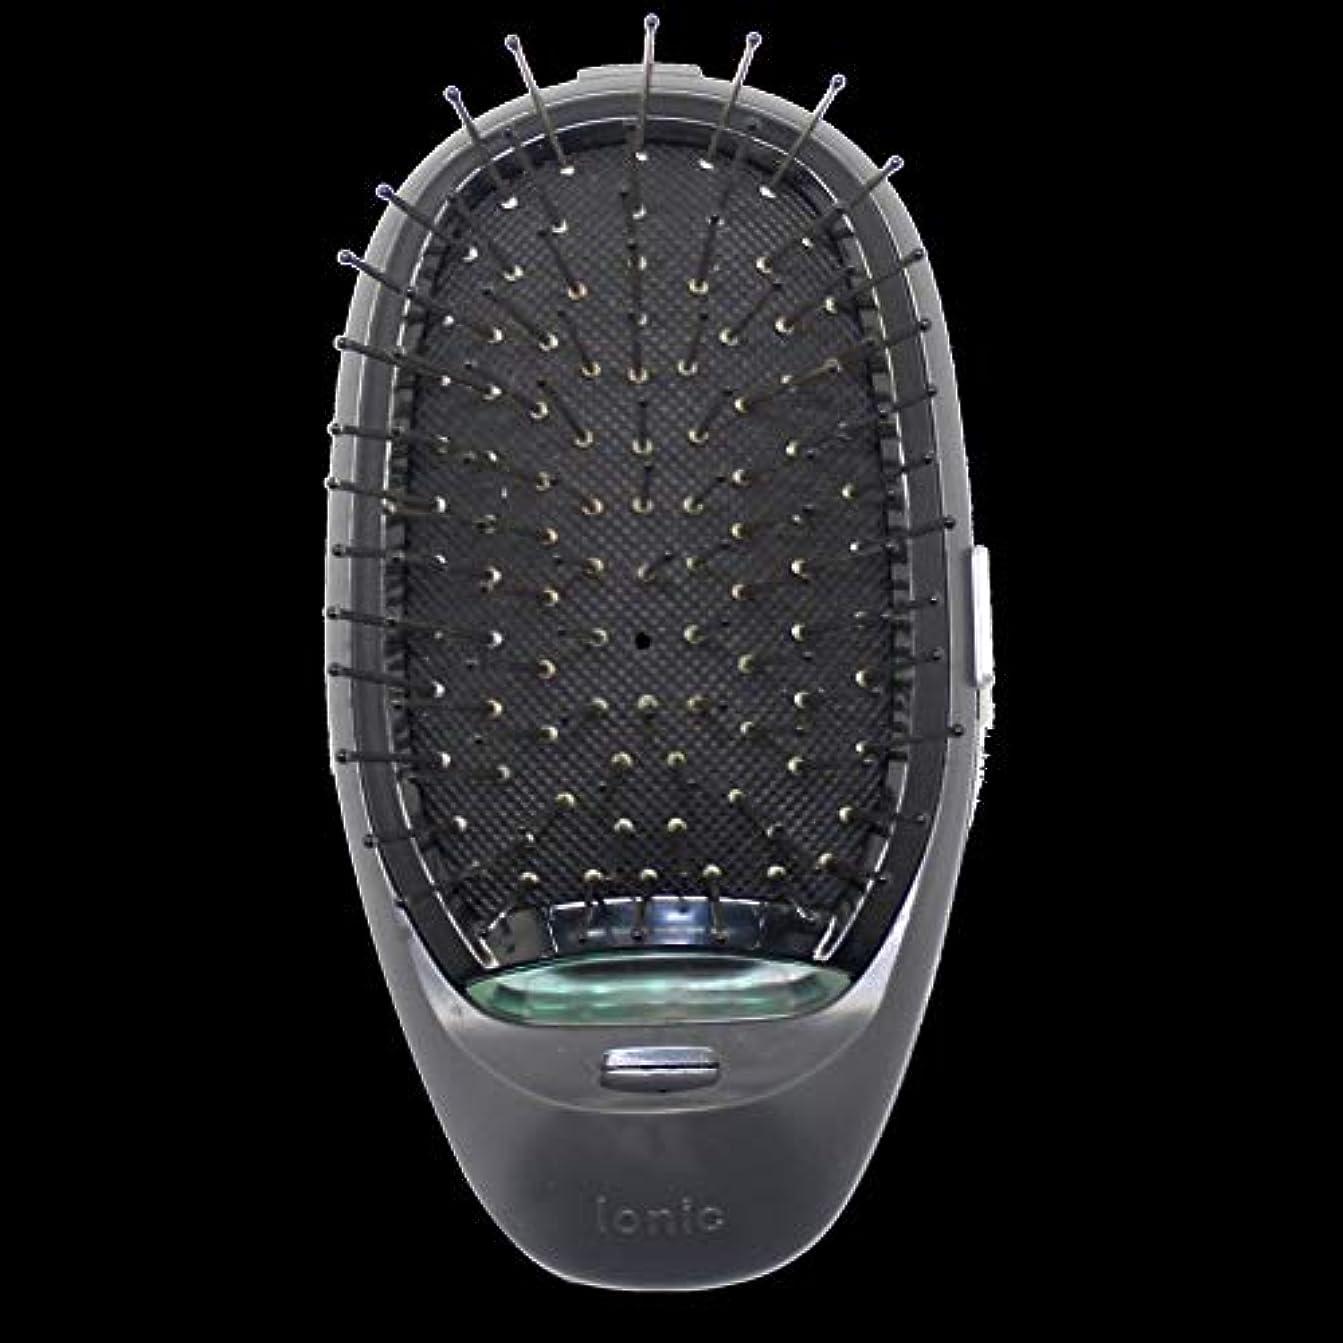 不安物理少年電動マッサージヘアブラシミニマイナスイオンヘアコム3Dインフレータブルコーム帯電防止ガールズヘアブラシ電池式 - ブラック